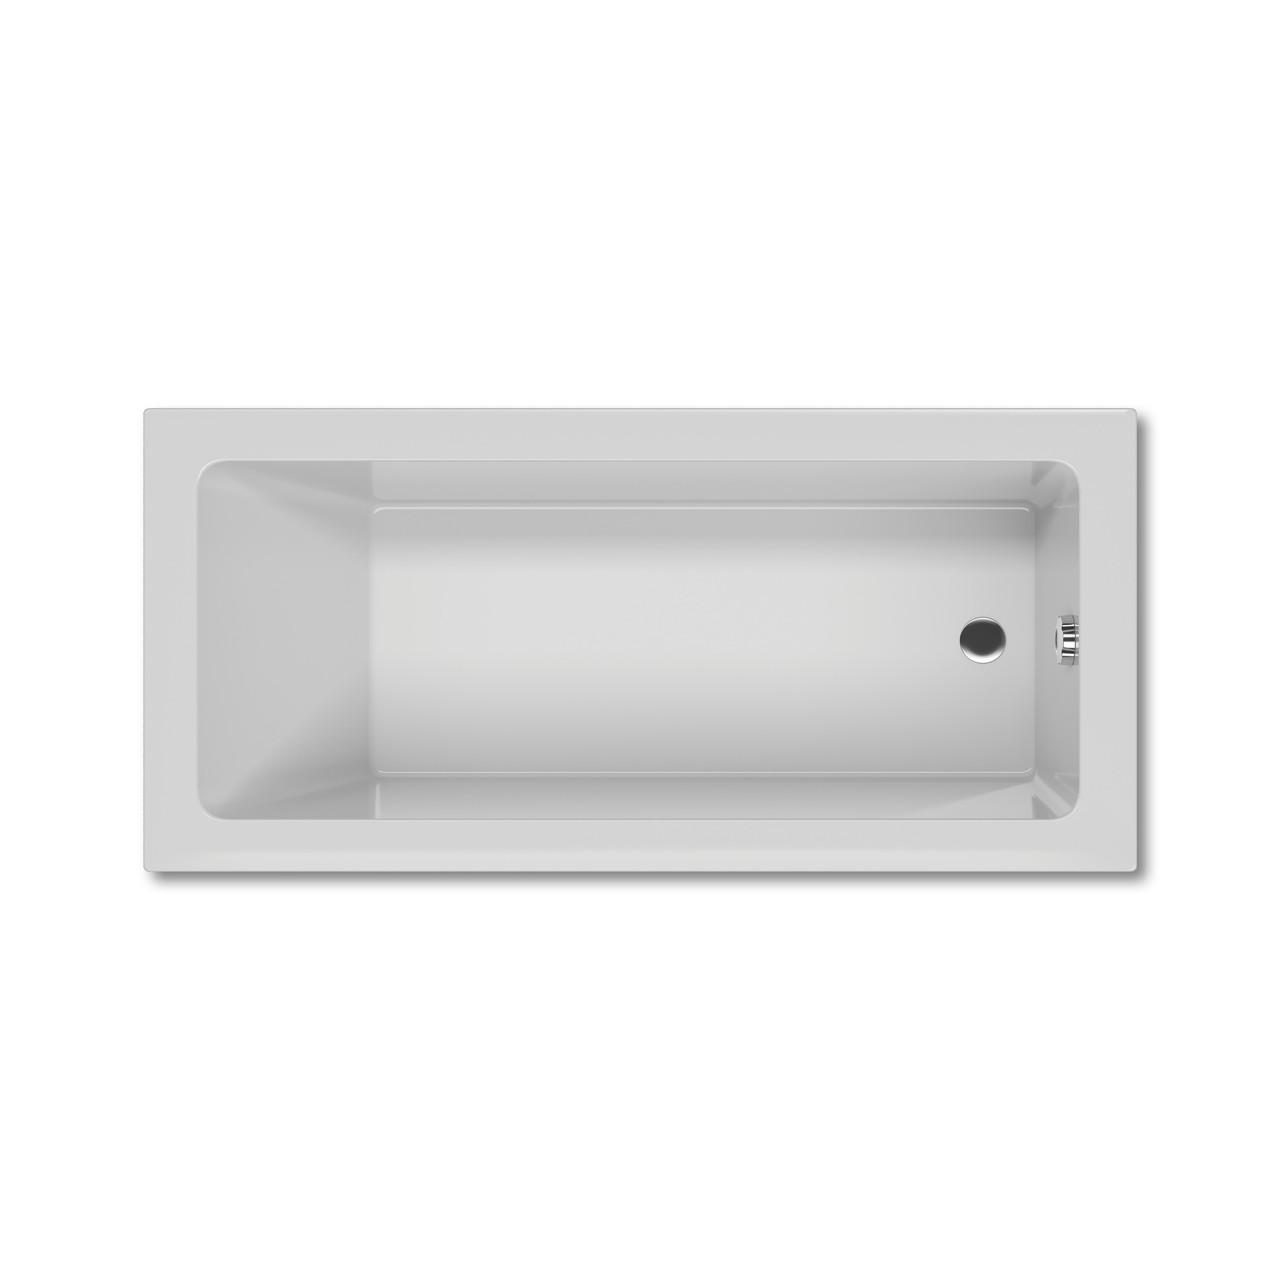 Ванна Neon new 170х75